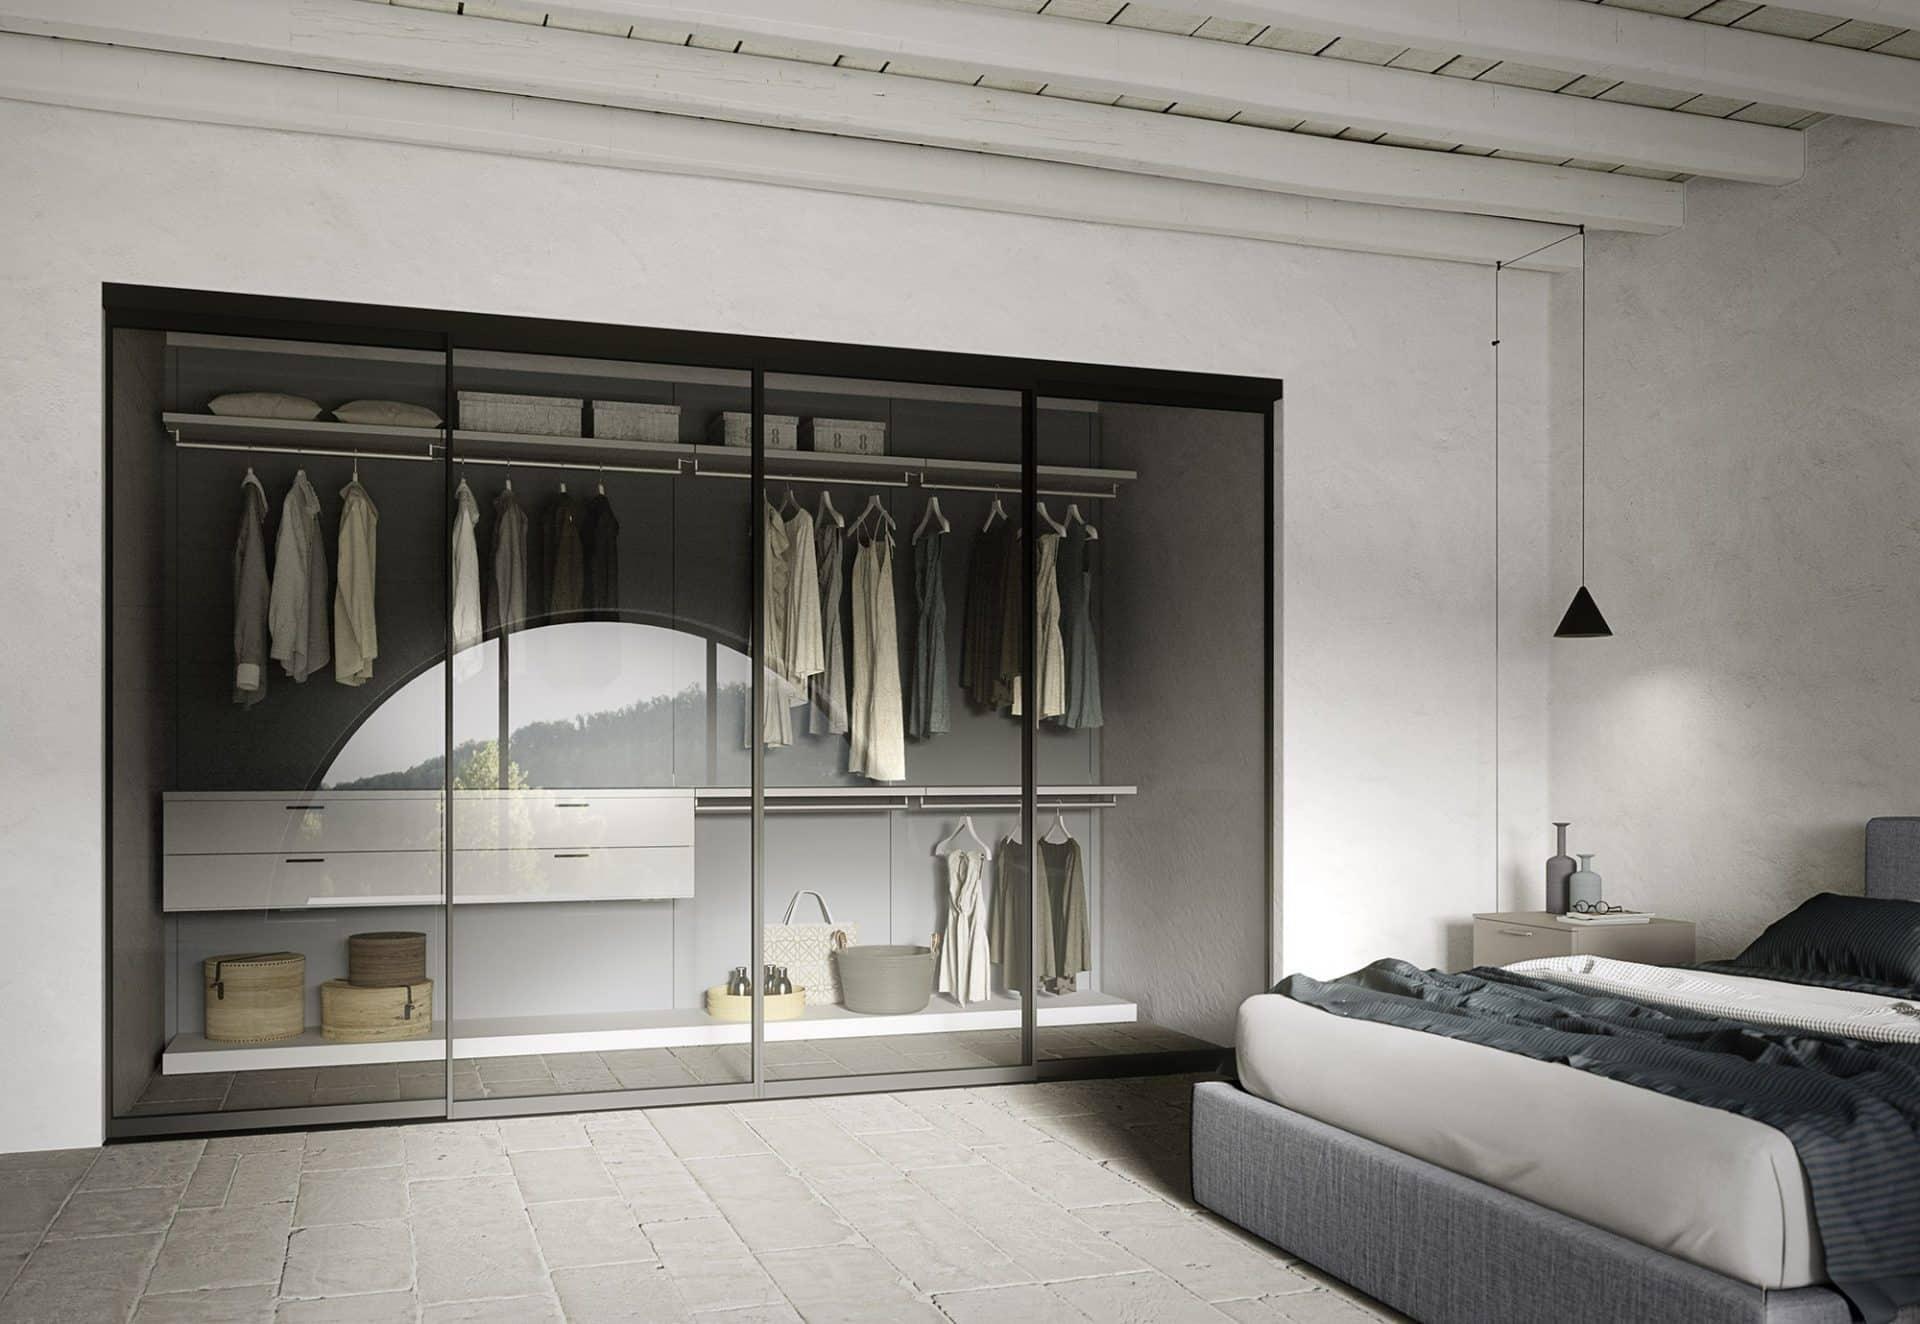 Arredi e complementi cabine armadio box doccia nicchie - Soluzioni per cabine armadio ...